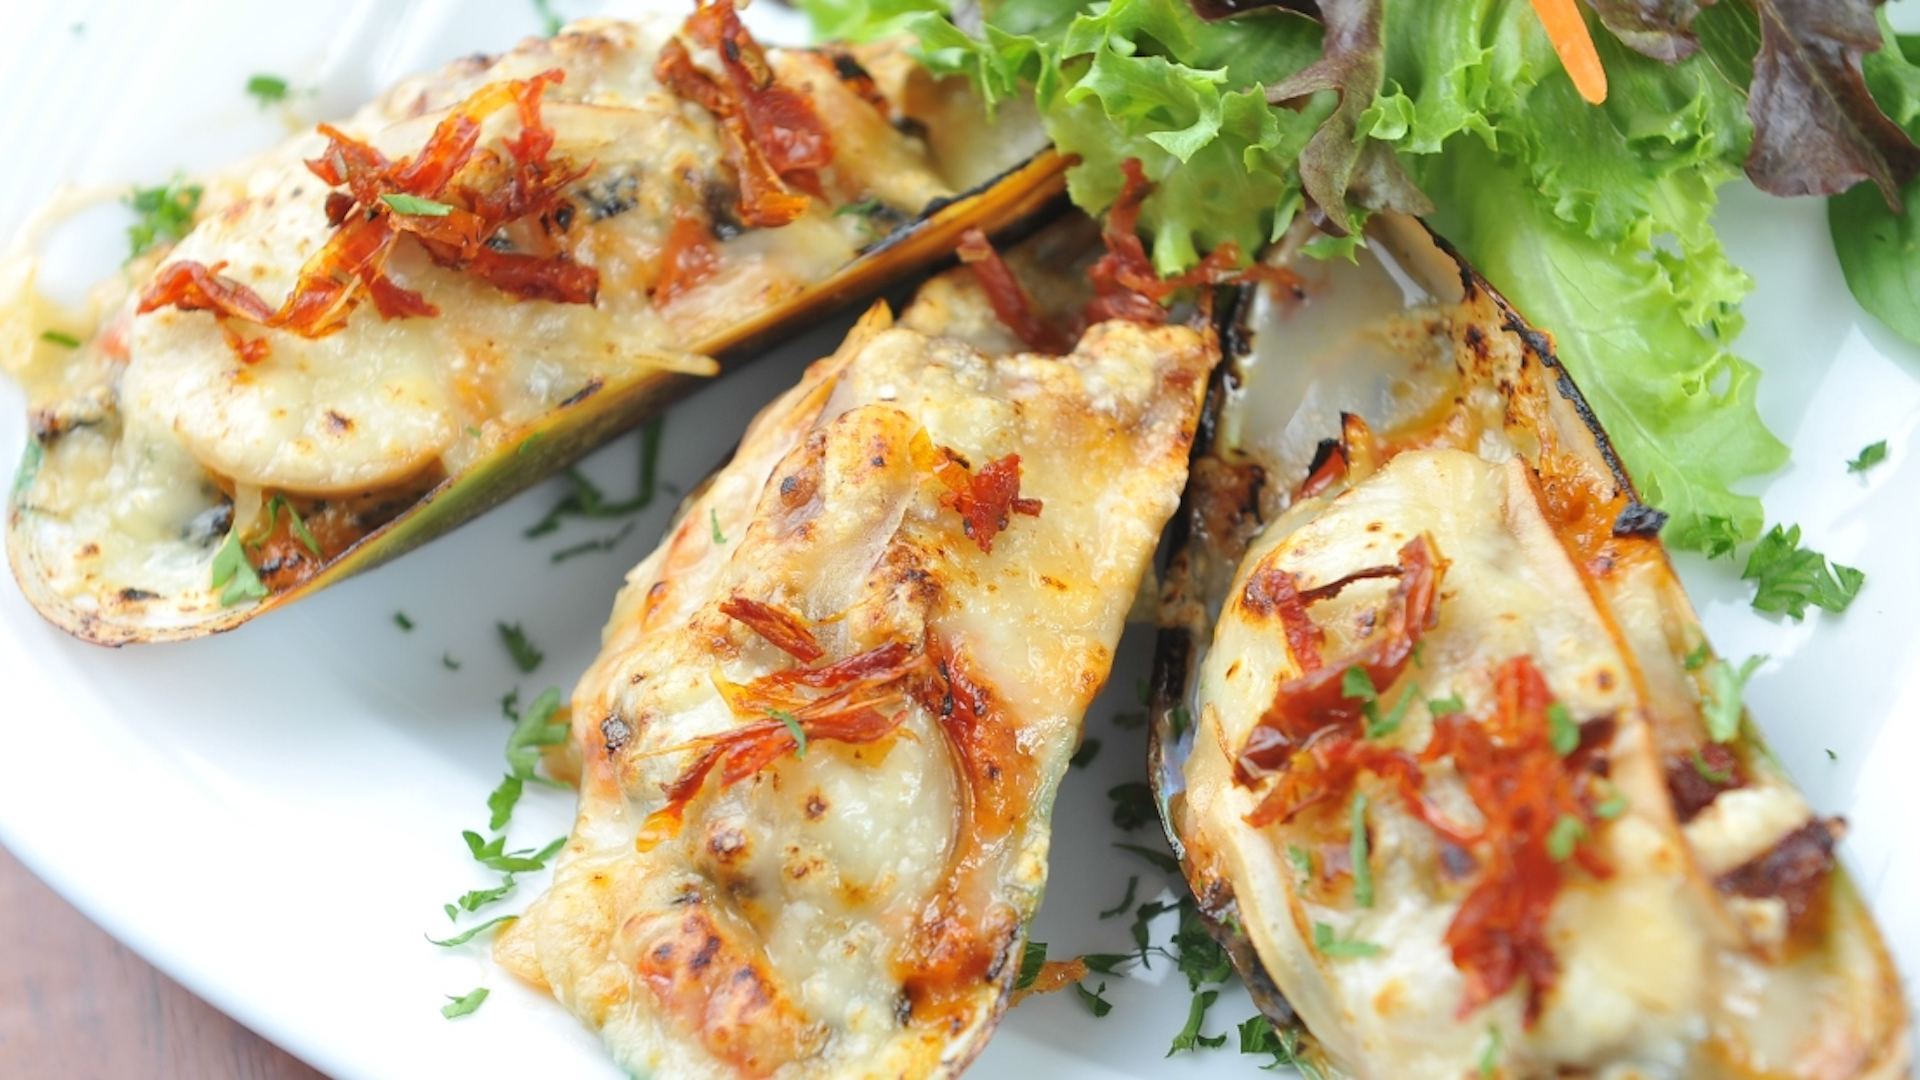 Turismo gastronómico: recetas típicas de Chile para viajar desde la cocina